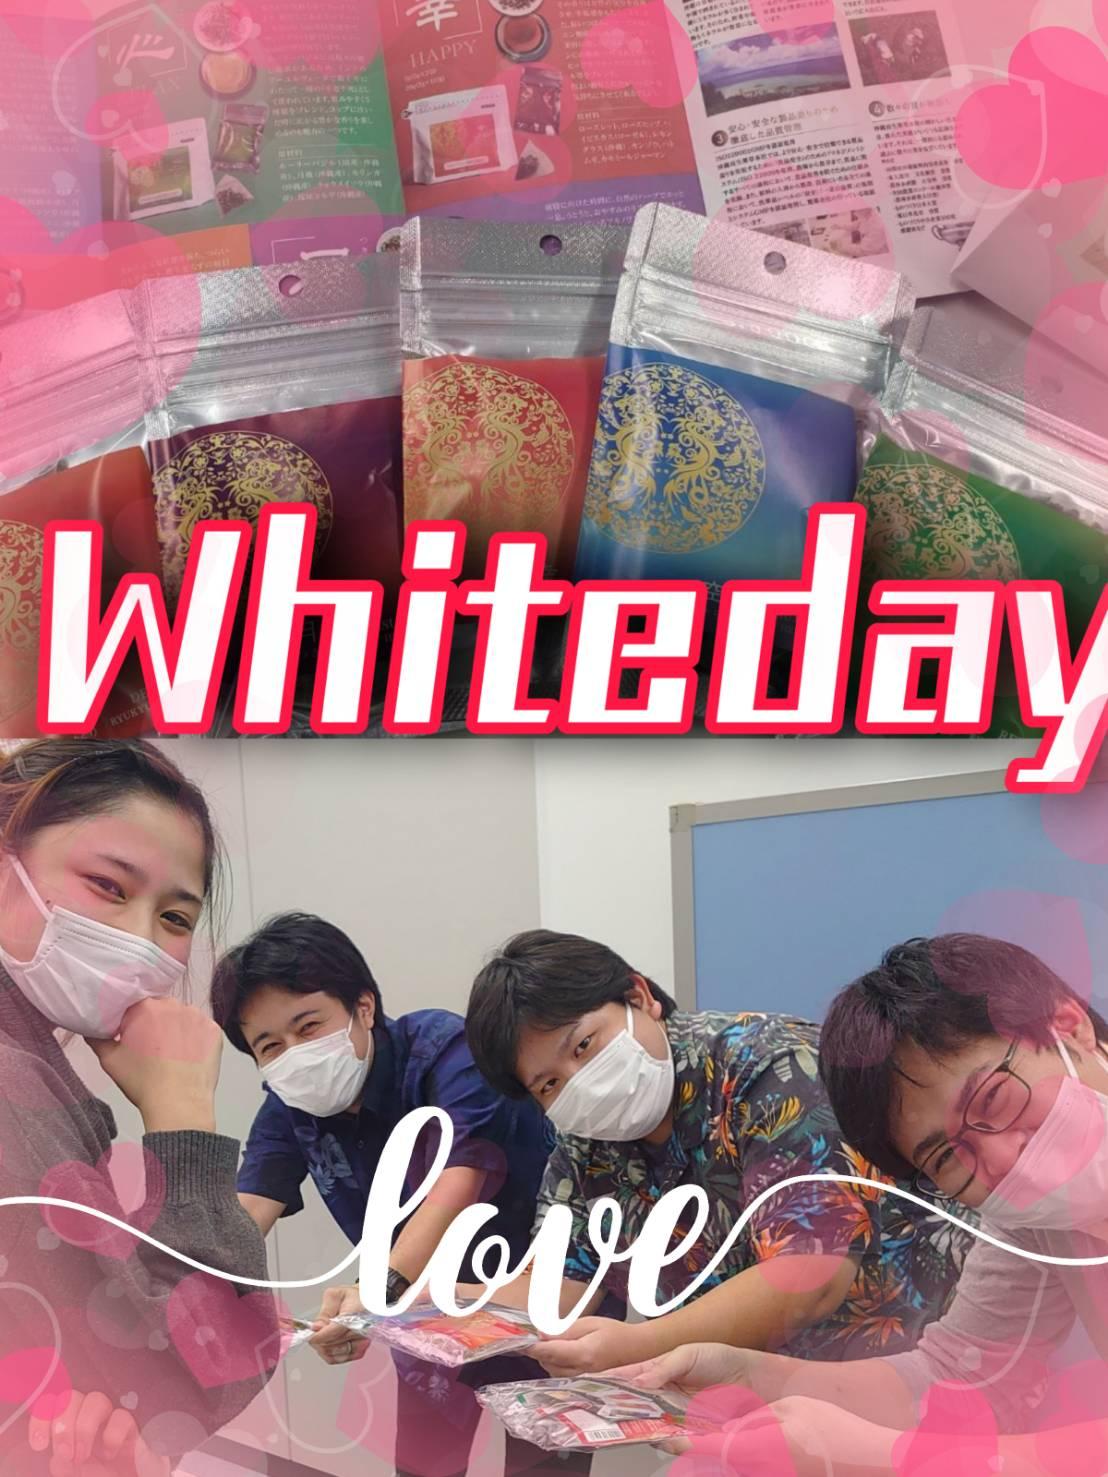 ☆昨日は・・・White Day♪沖縄産のハーブティーで癒し効果?!